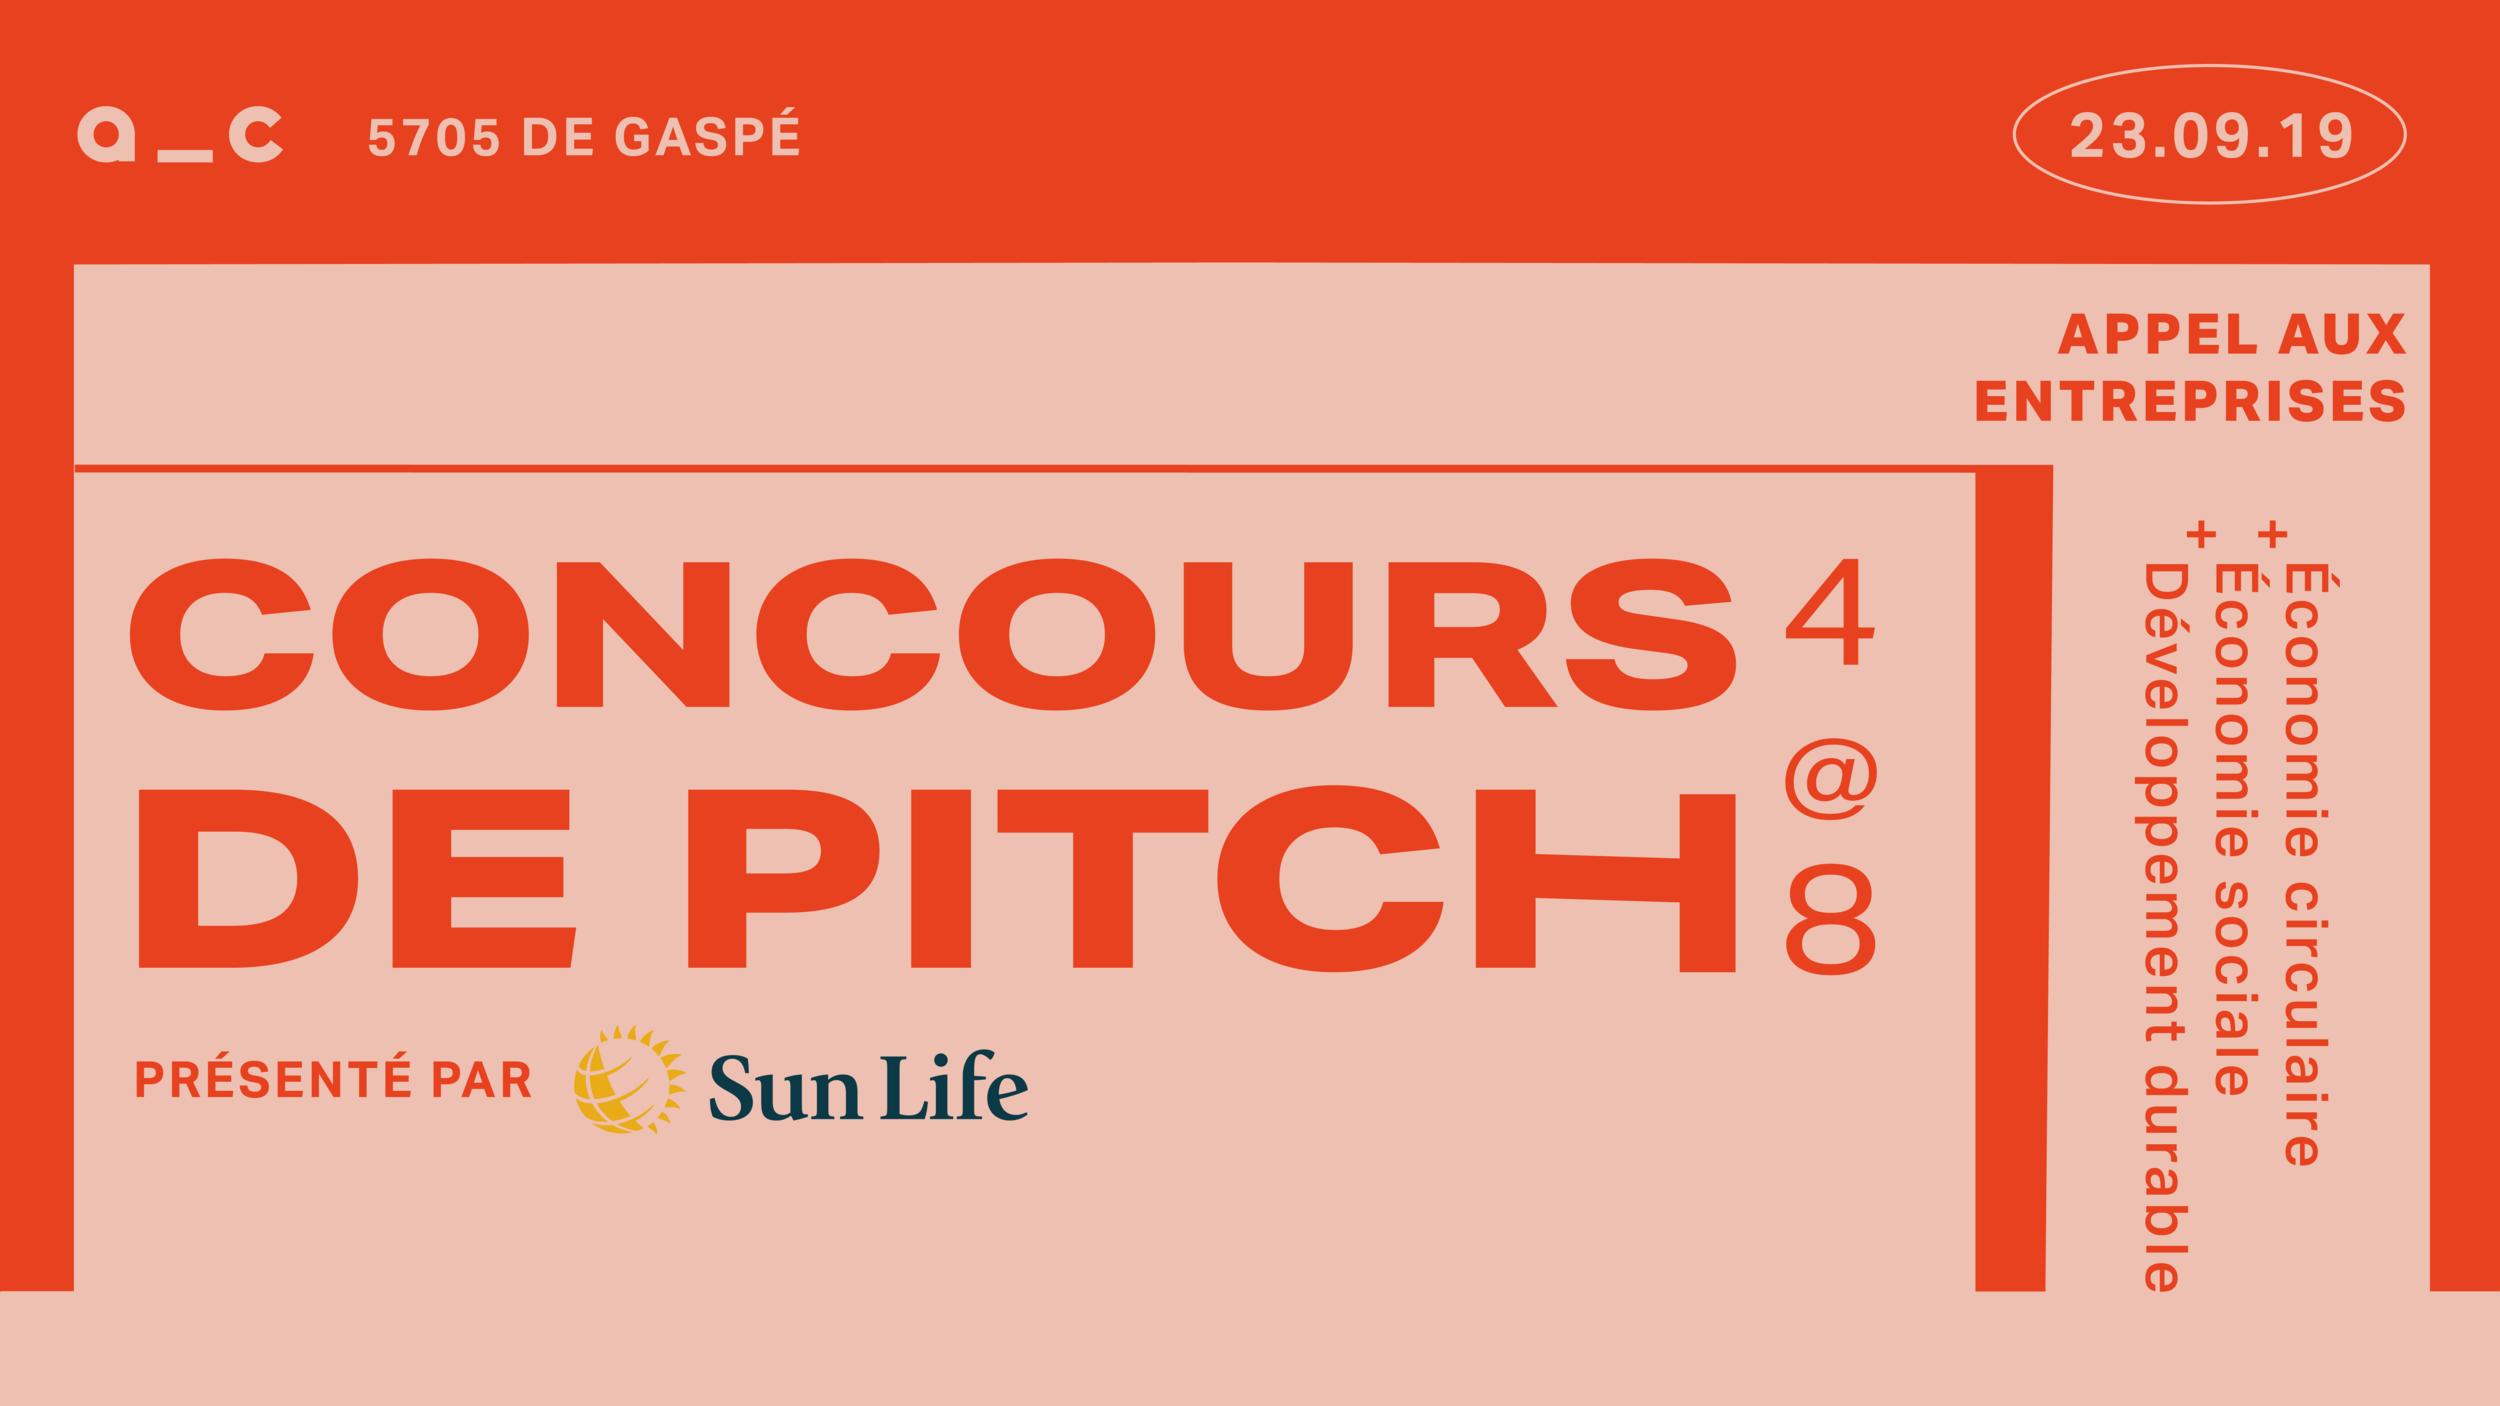 Découvrez aussi - Le concours de pitch présenté par SunLife, à Aire commune!- Économie circulaire- Économie sociale- Développement durable